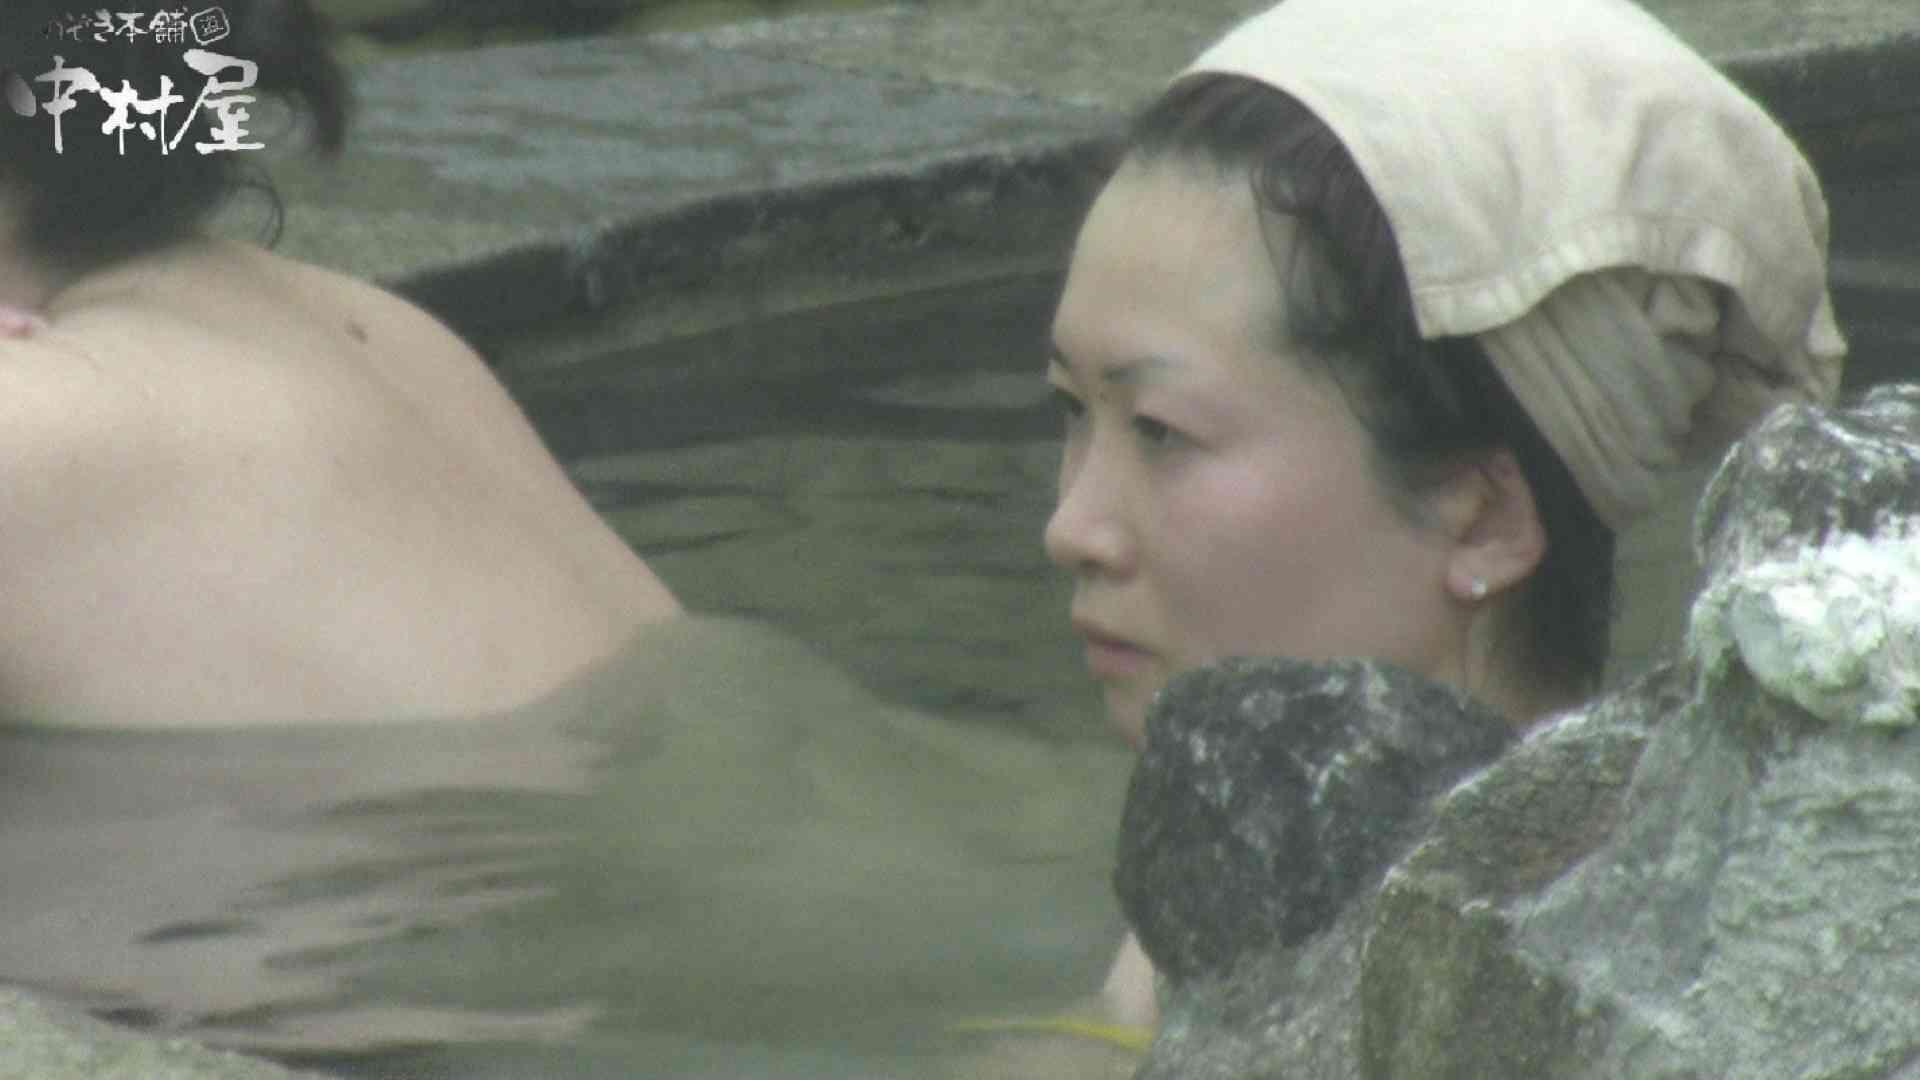 Aquaな露天風呂Vol.906 盗撮  92画像 84